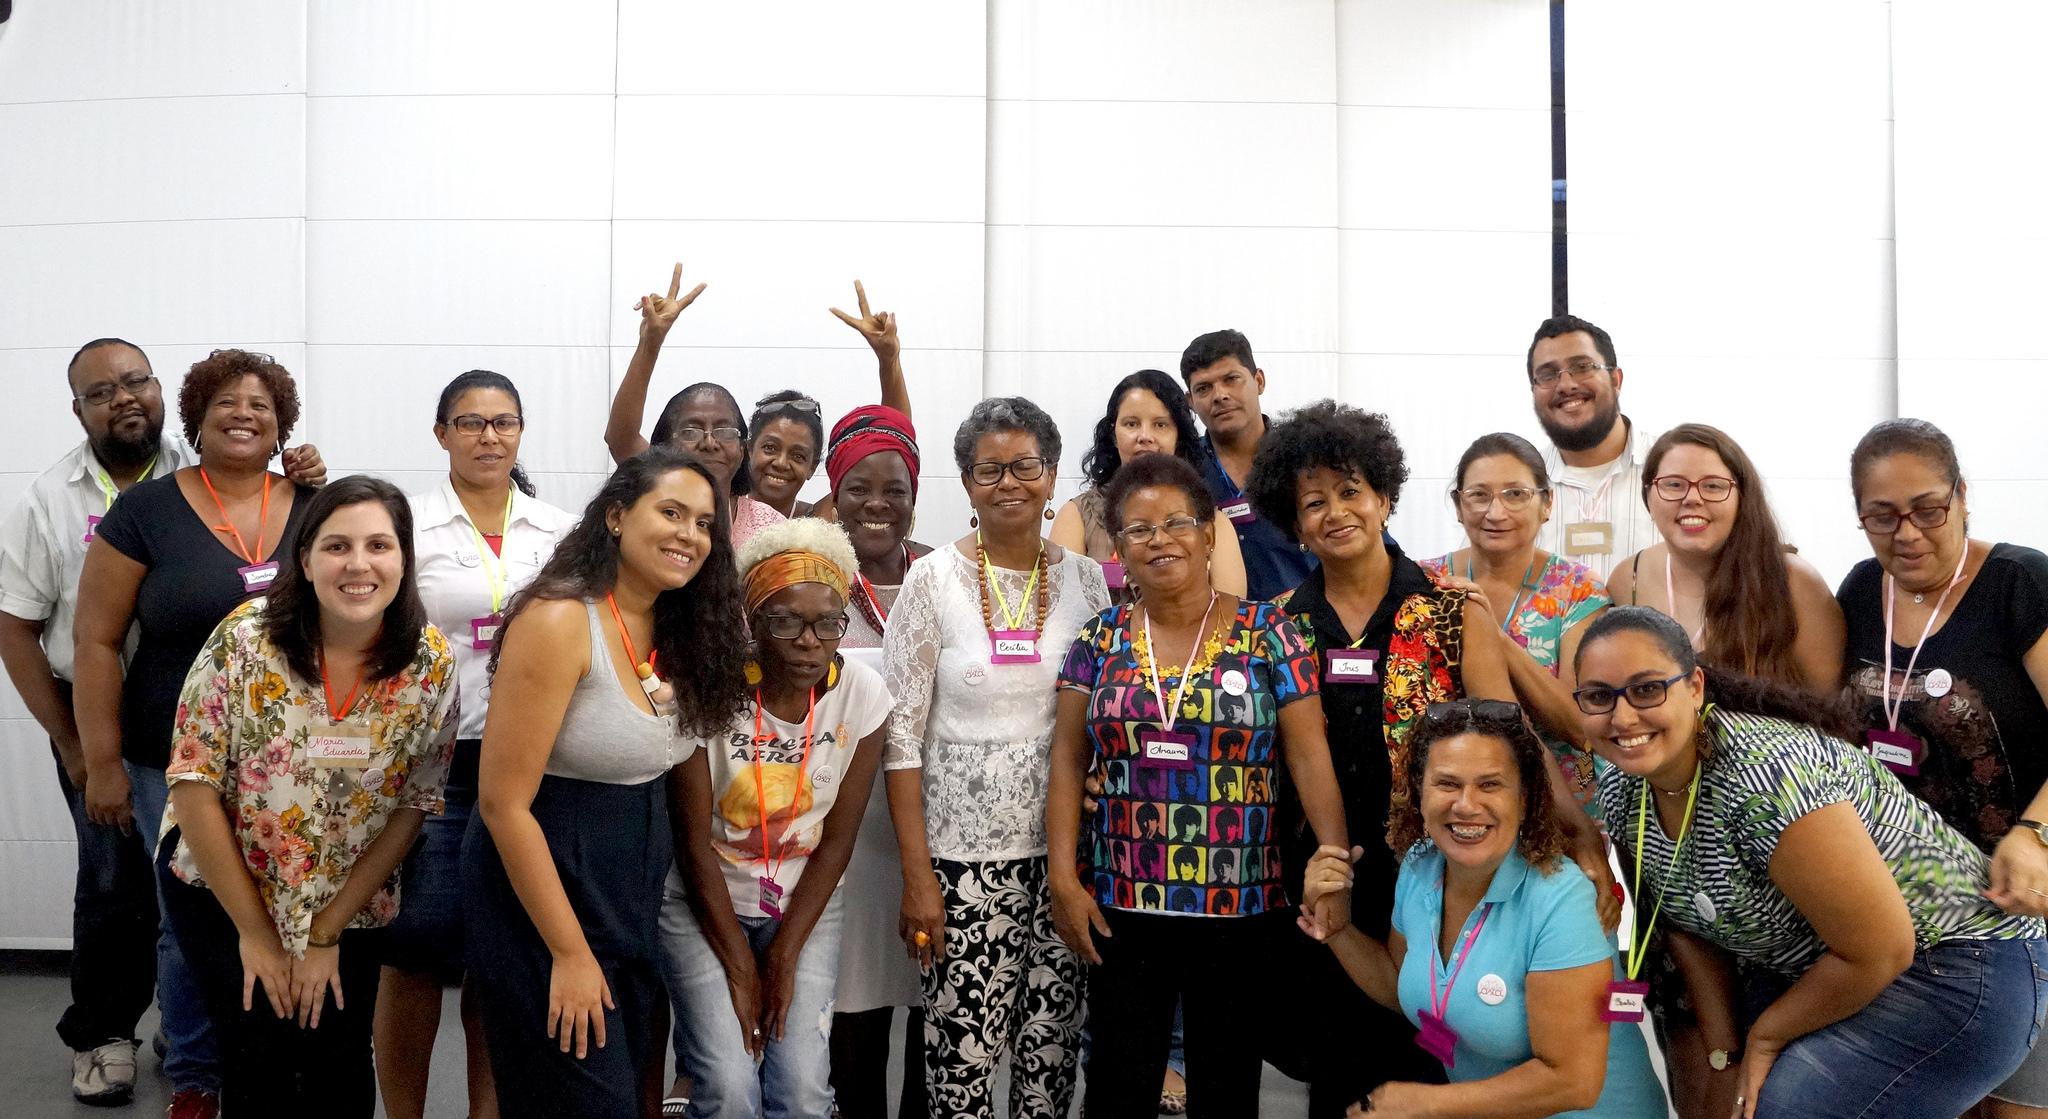 Artesãs e equipe da Rede Asta na primeira aula da Escola de Negócio das Artesãs da Rede Asta em parceria com a IF!